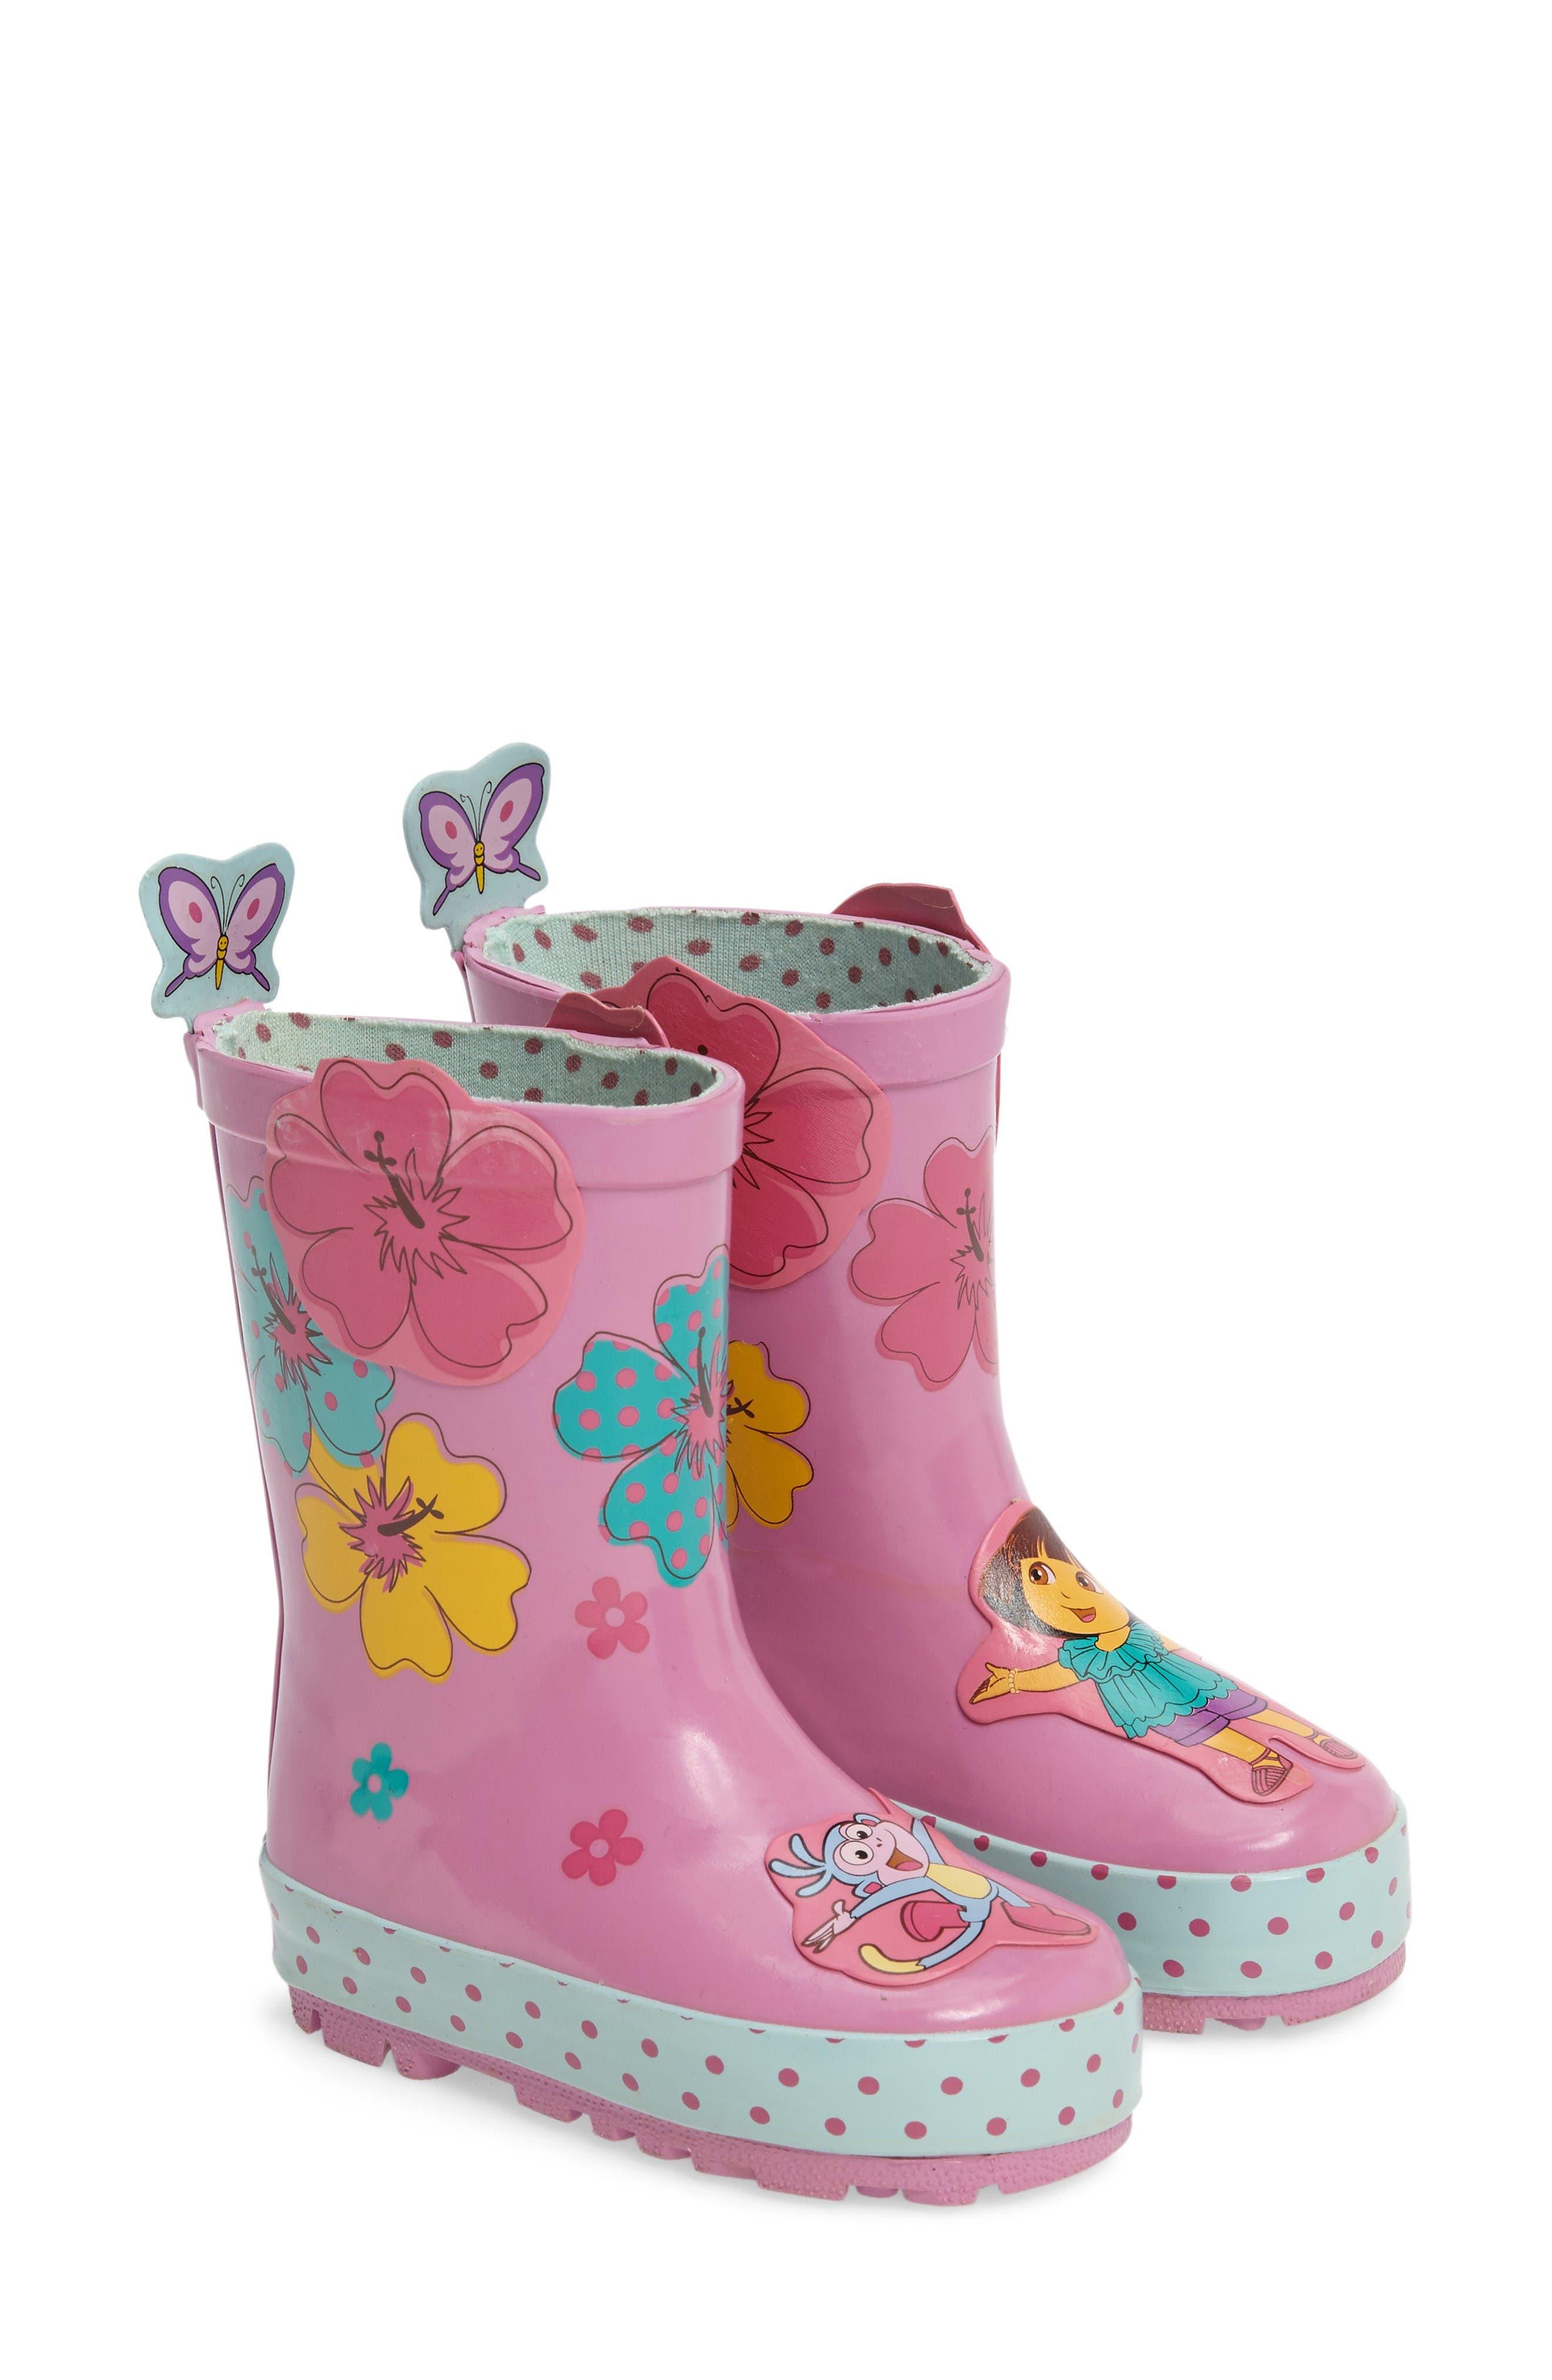 Dora the Explorer Rain Boot,                             Alternate thumbnail 2, color,                             Purple